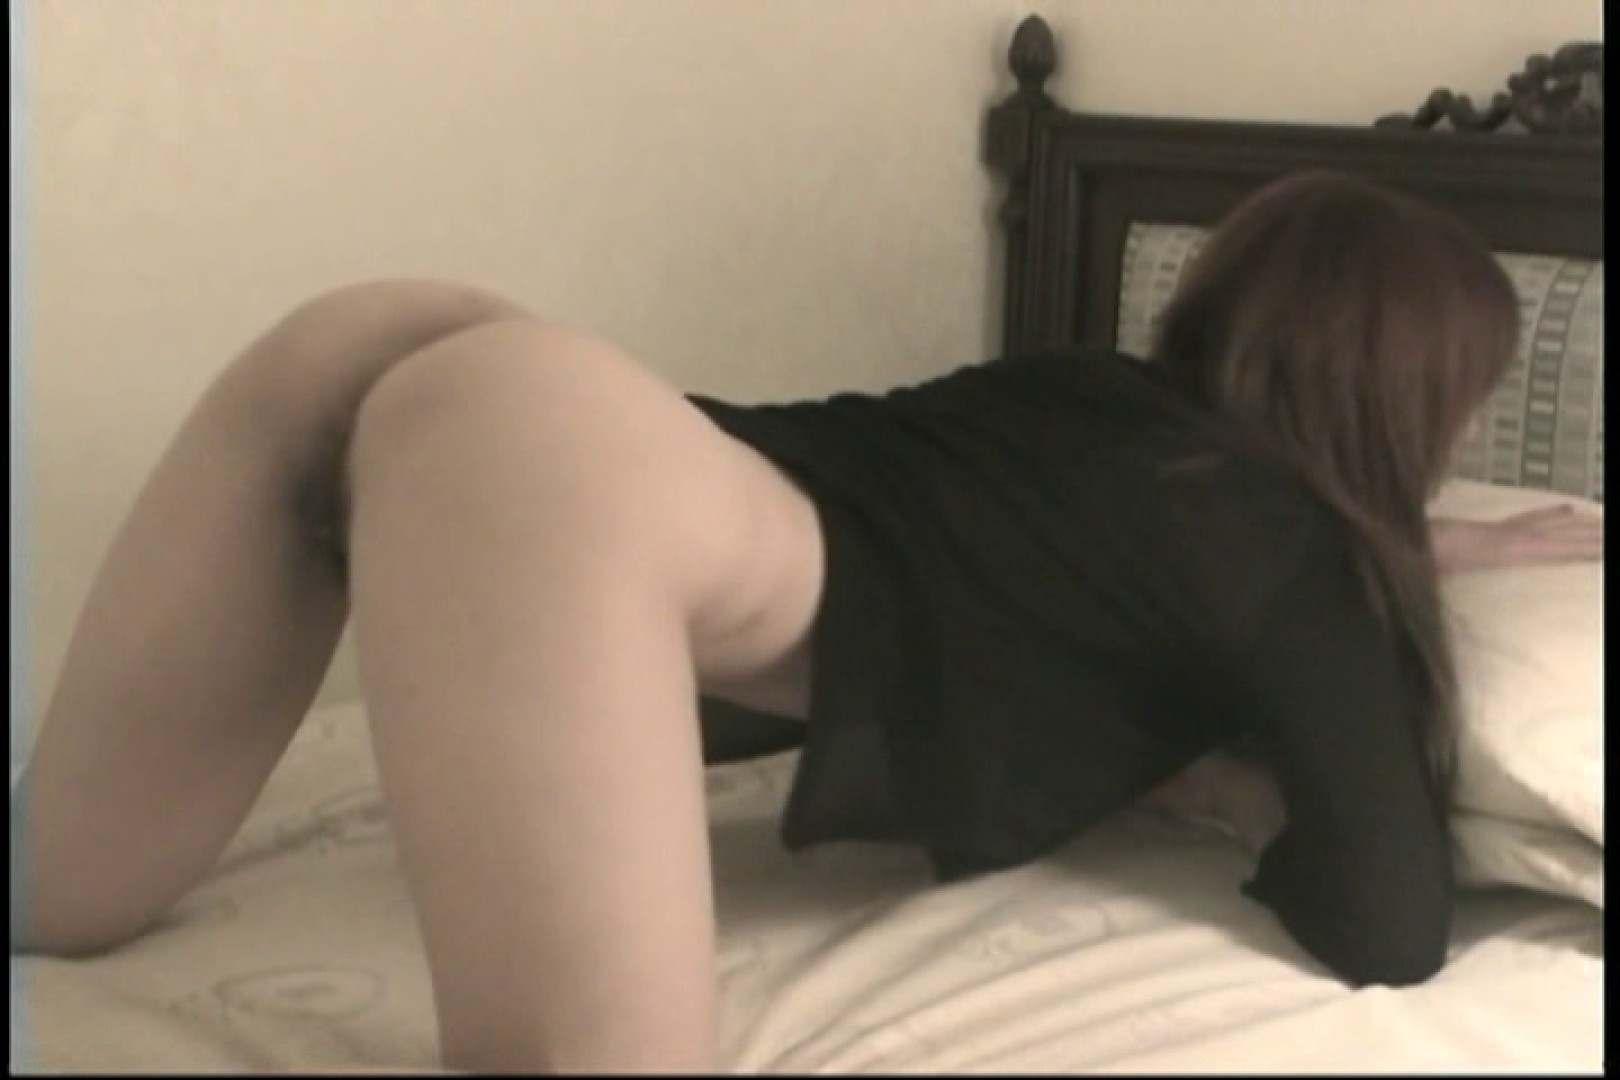 H大好きな清楚系の美ボディお姉さんとホテルでSEX~安西みか~ ホテル隠し撮り | オナニー  83pic 37